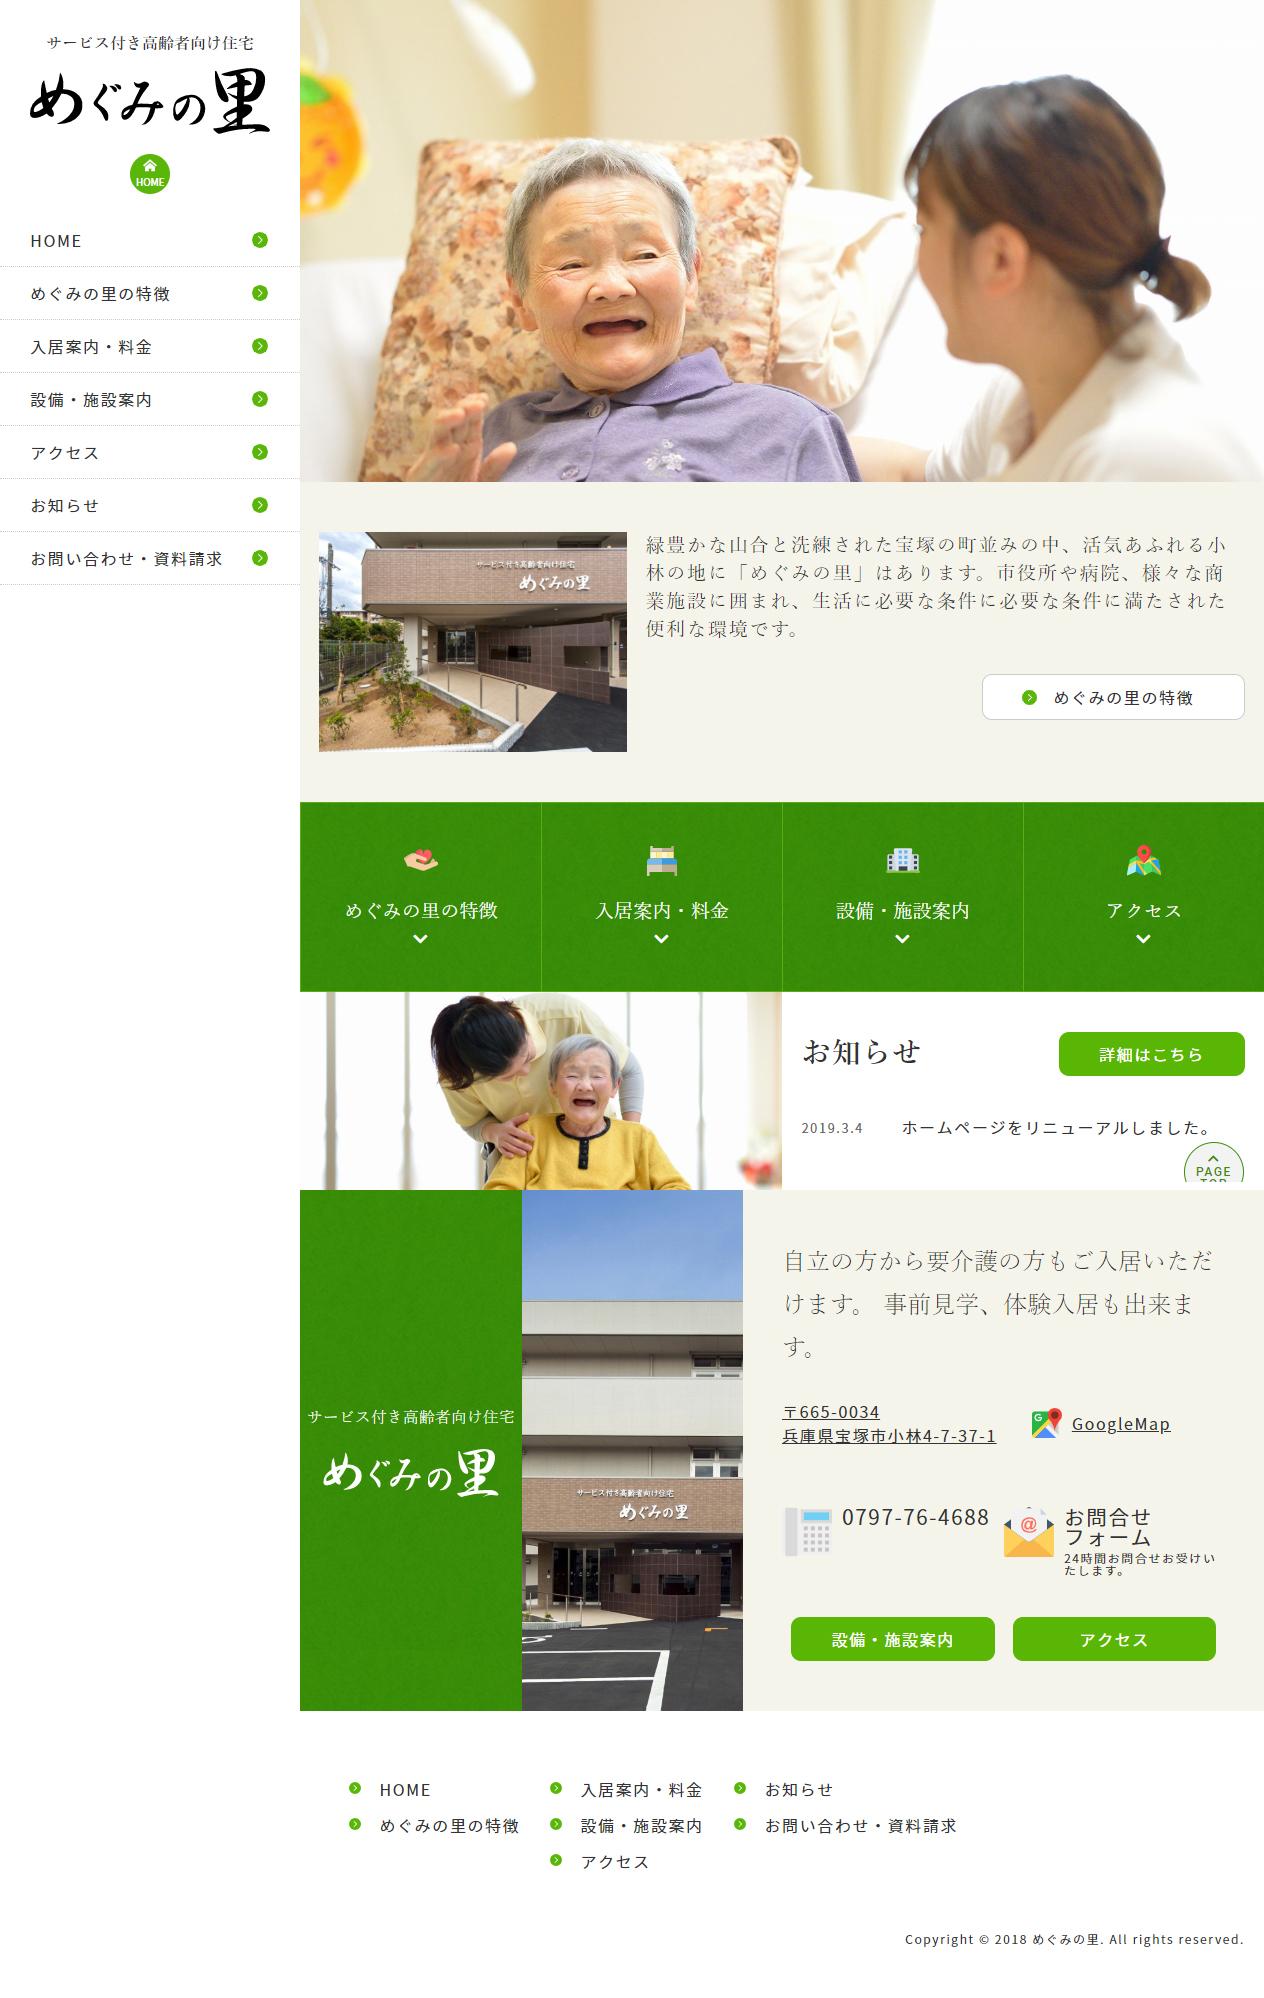 老人介護施設ホームページ制作実績